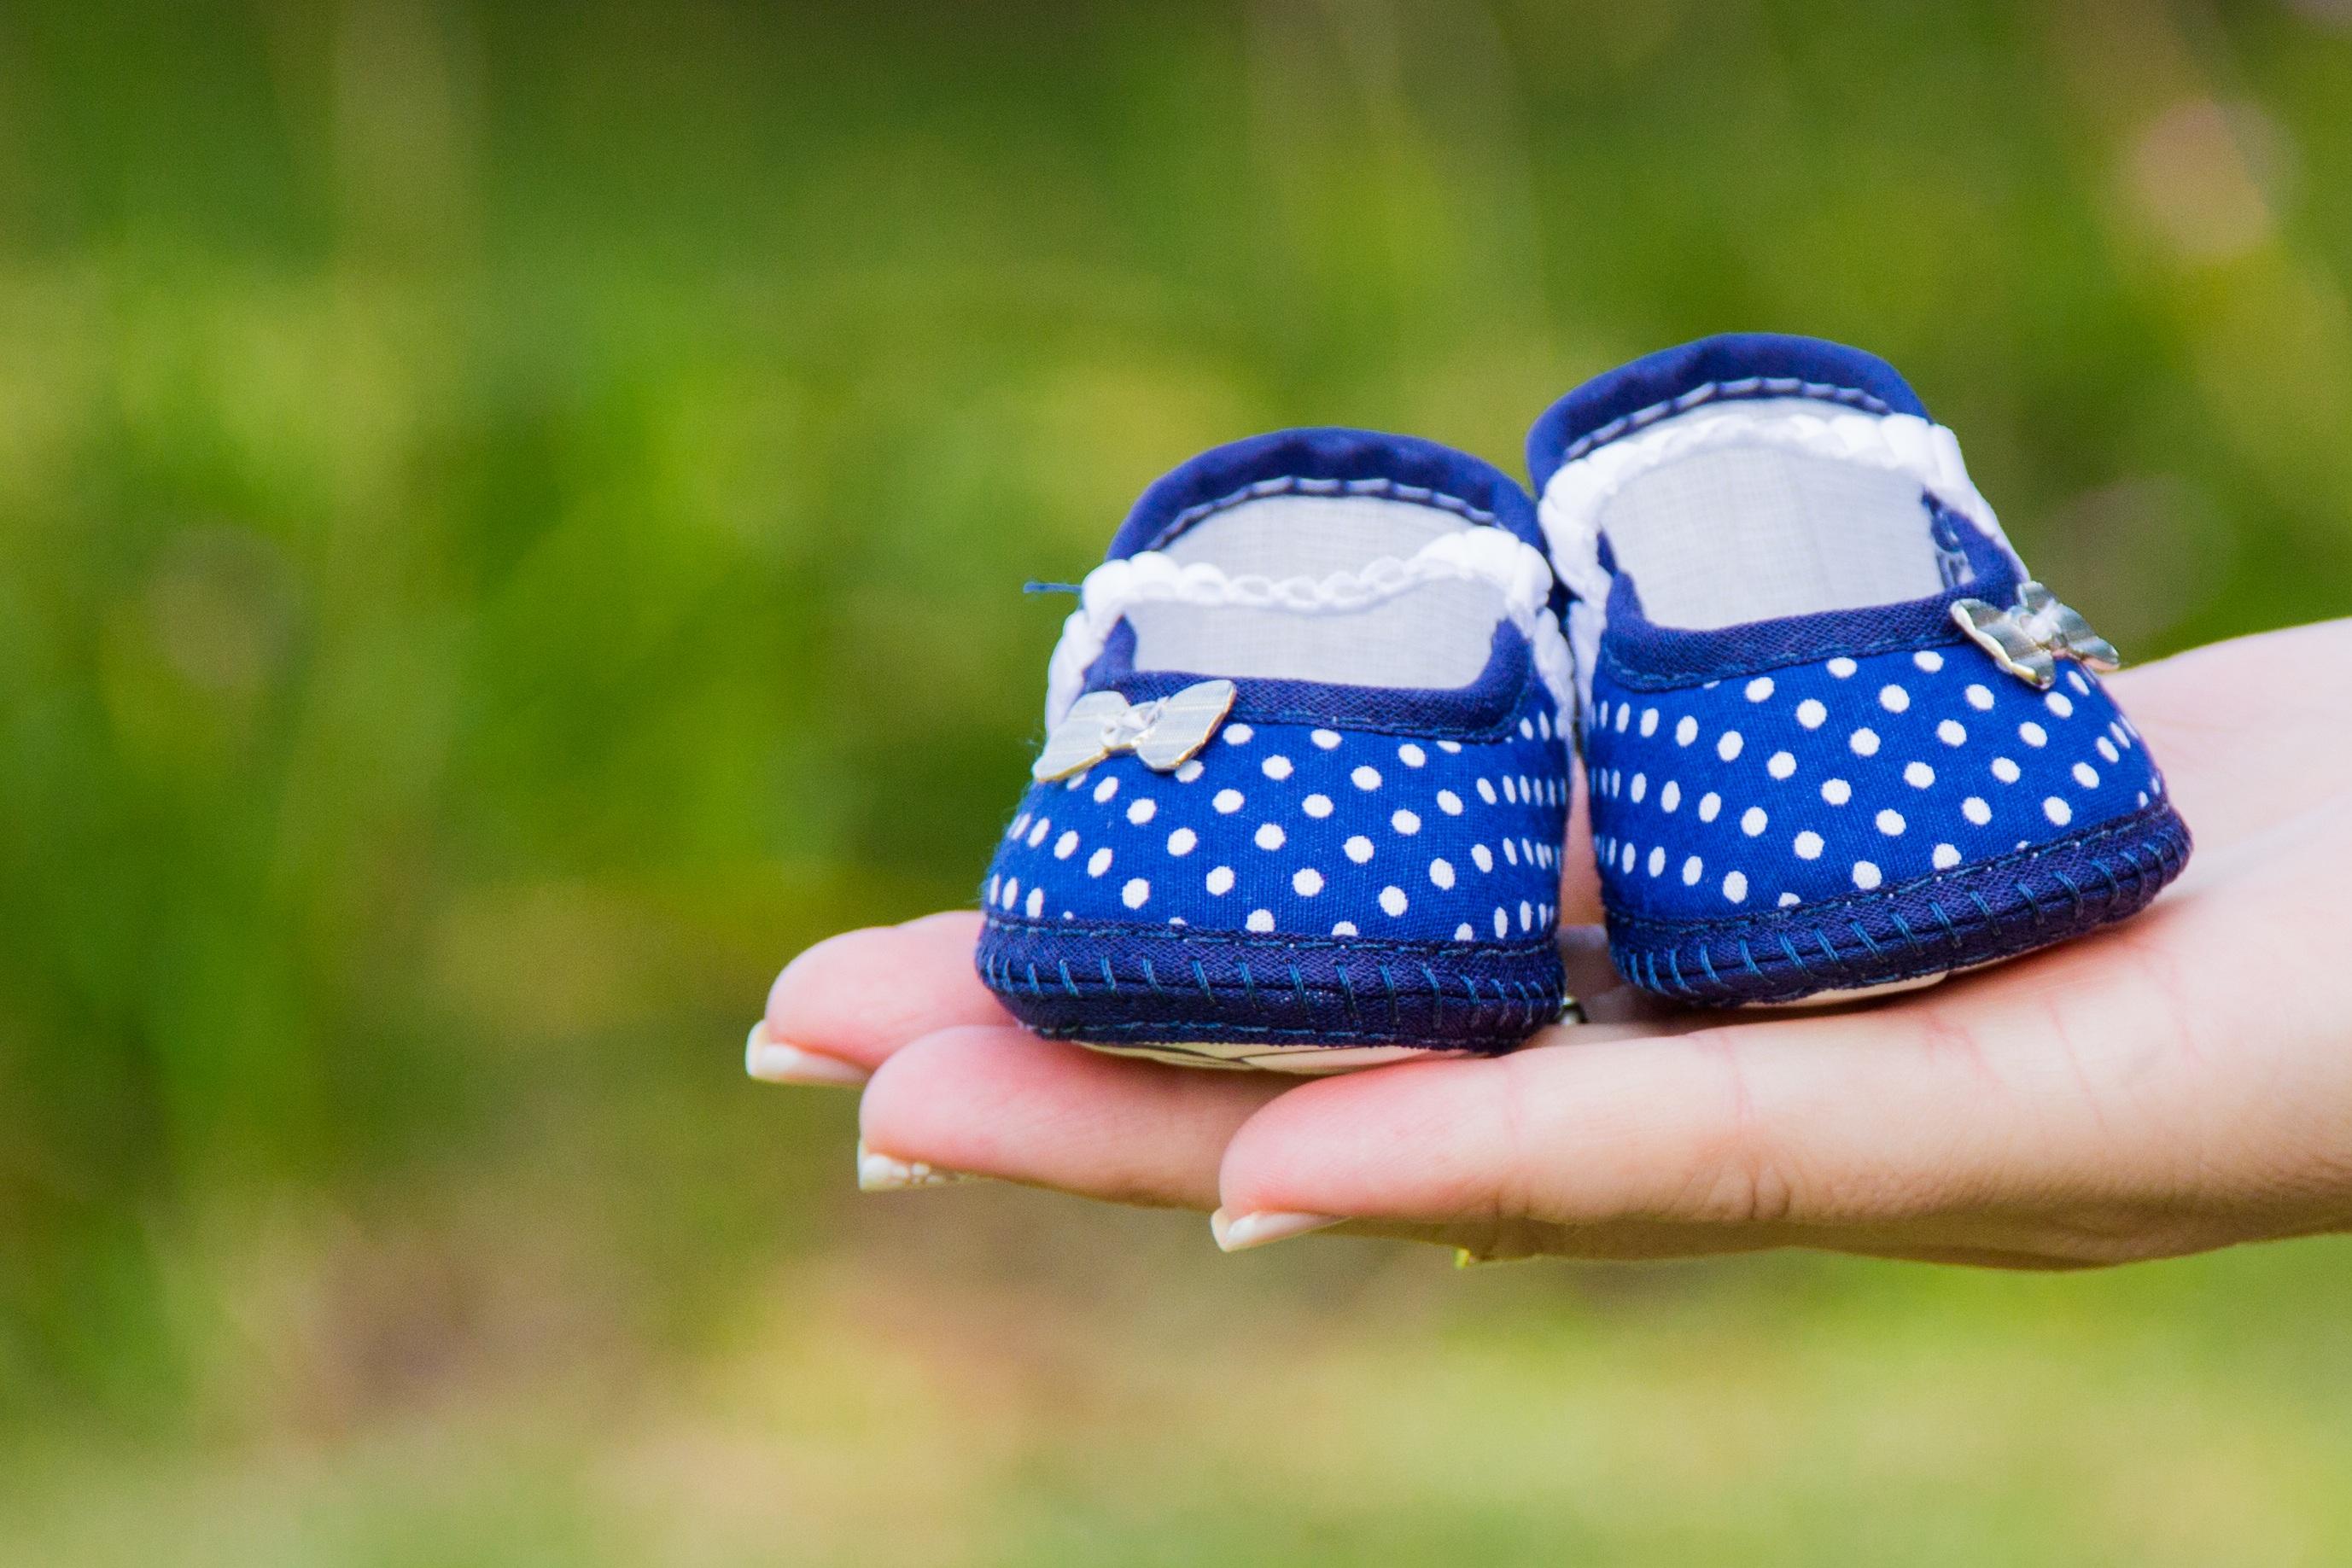 Kostenlose foto : Hand, Gras, Schuh, Muster, Grün, blau, Baby ...